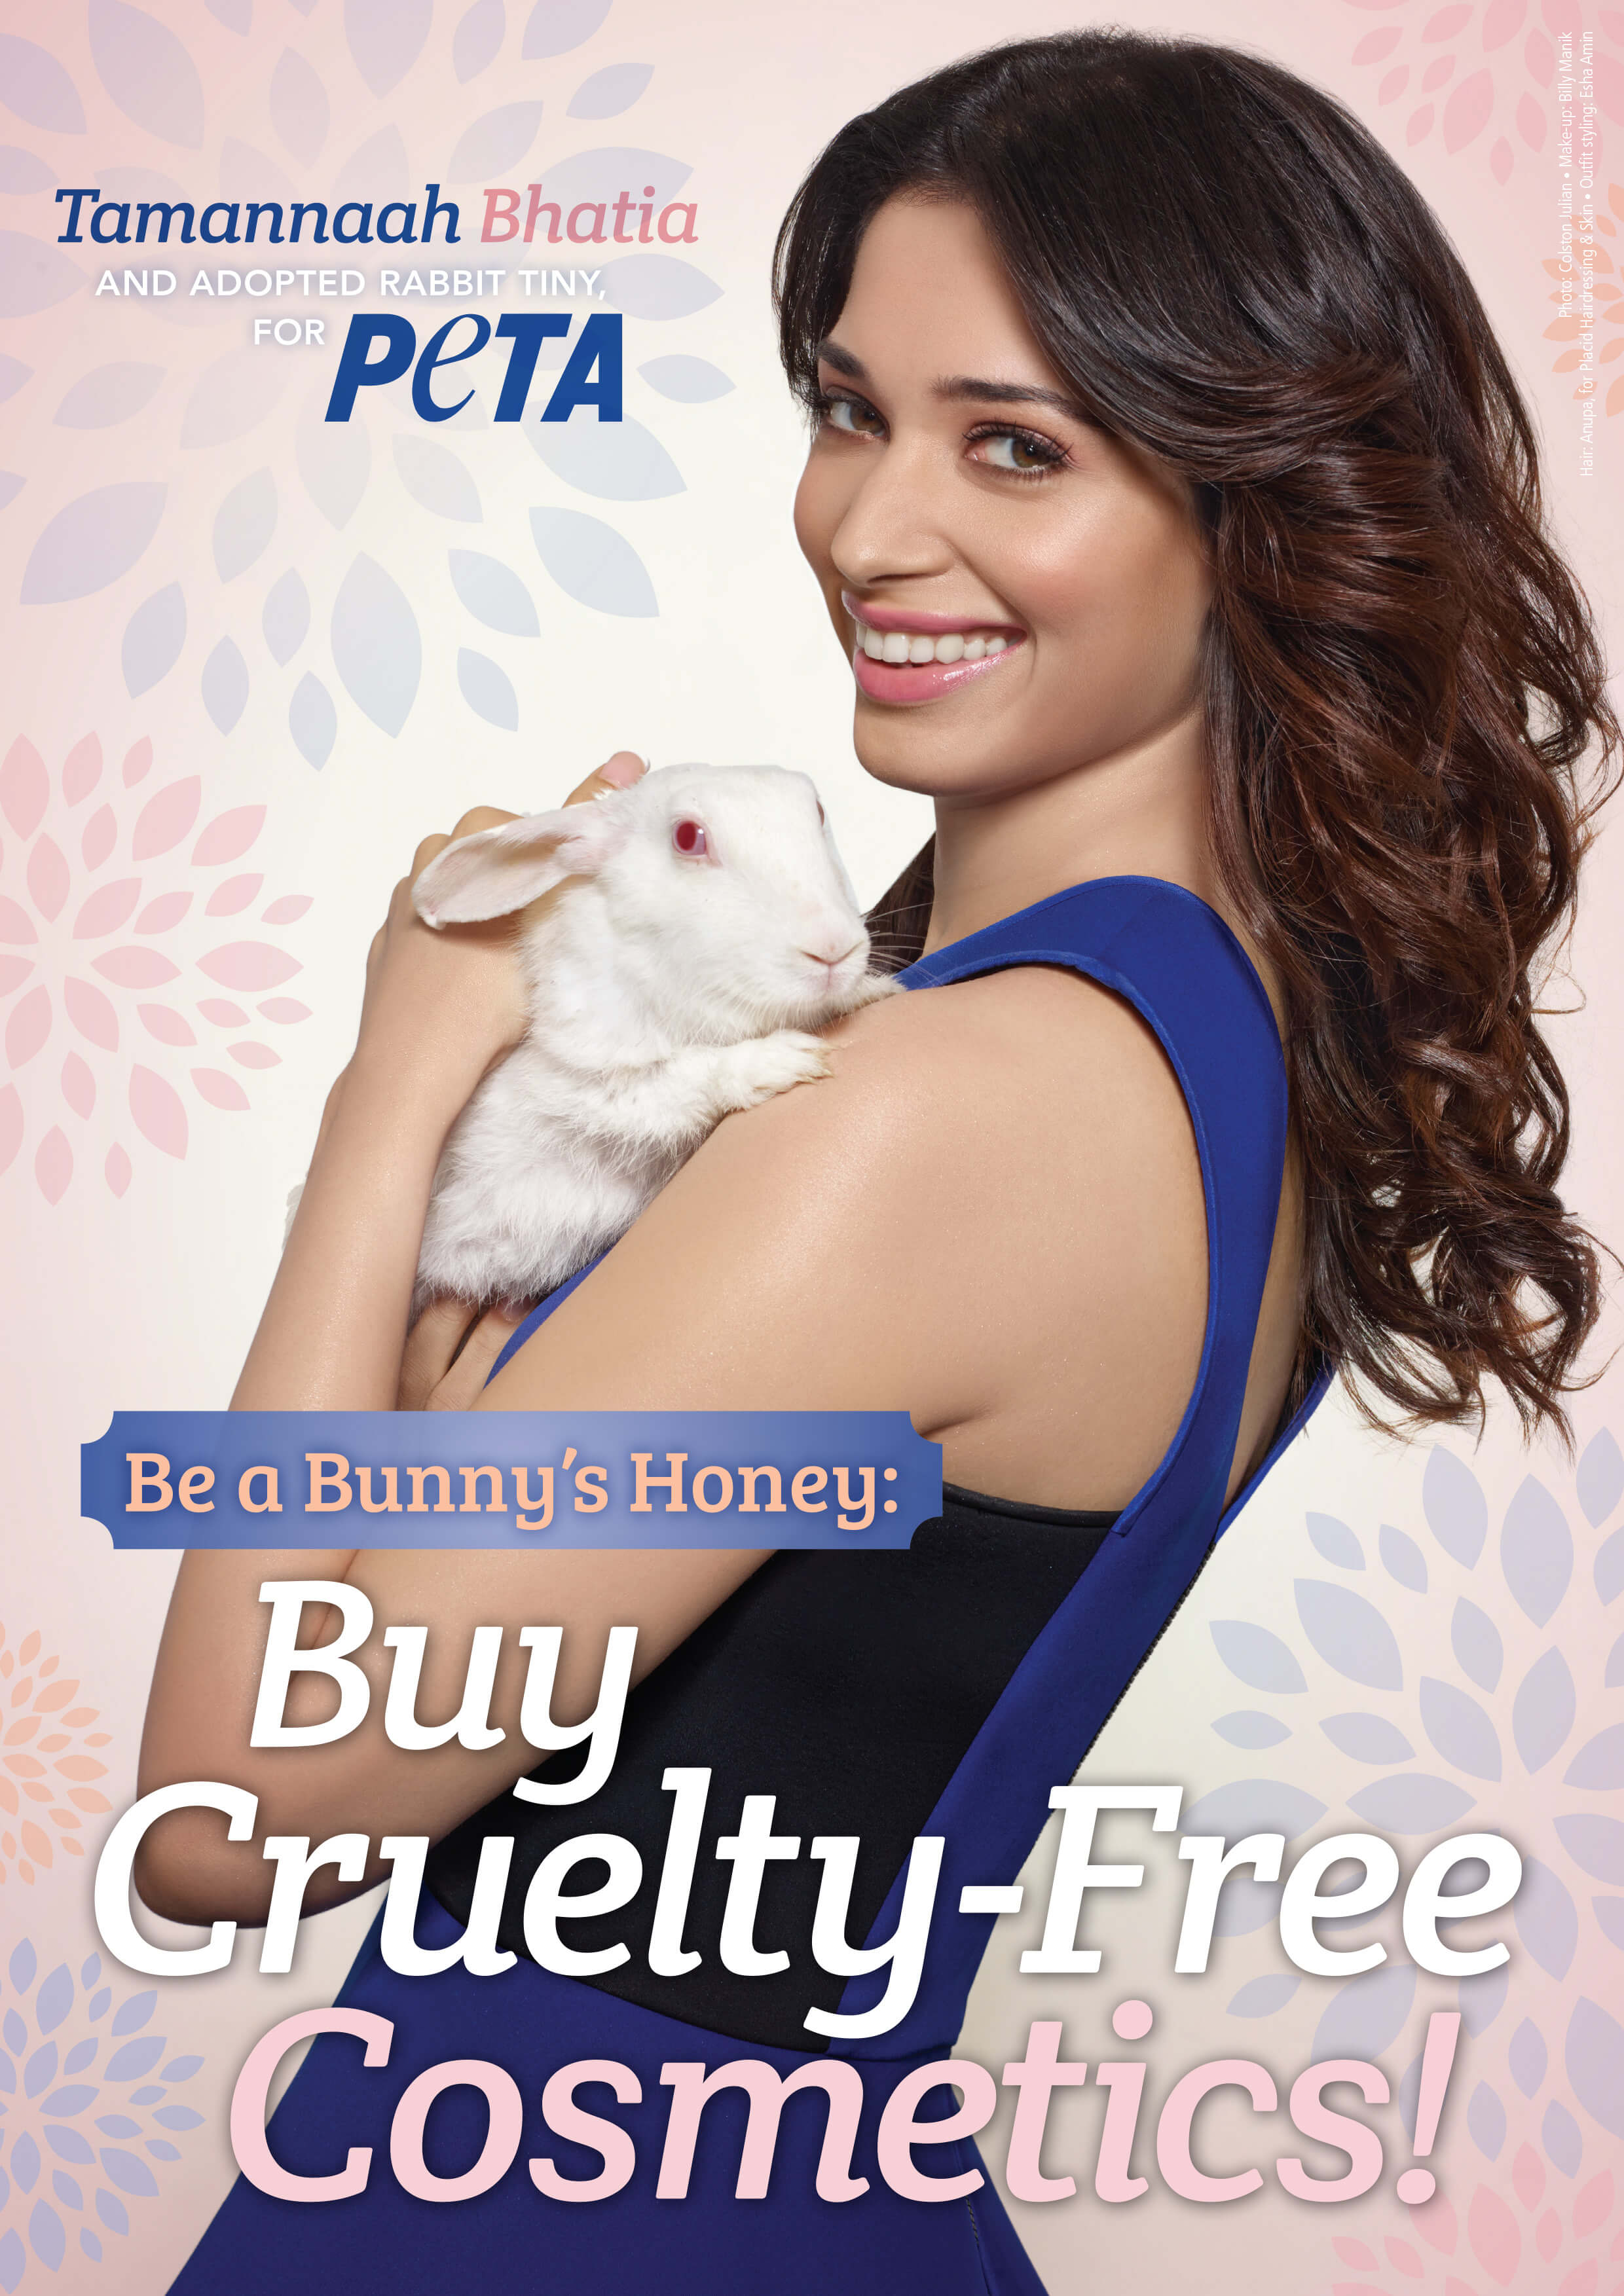 Tamannaah Bhatia_Bunny Ad_FINAL300